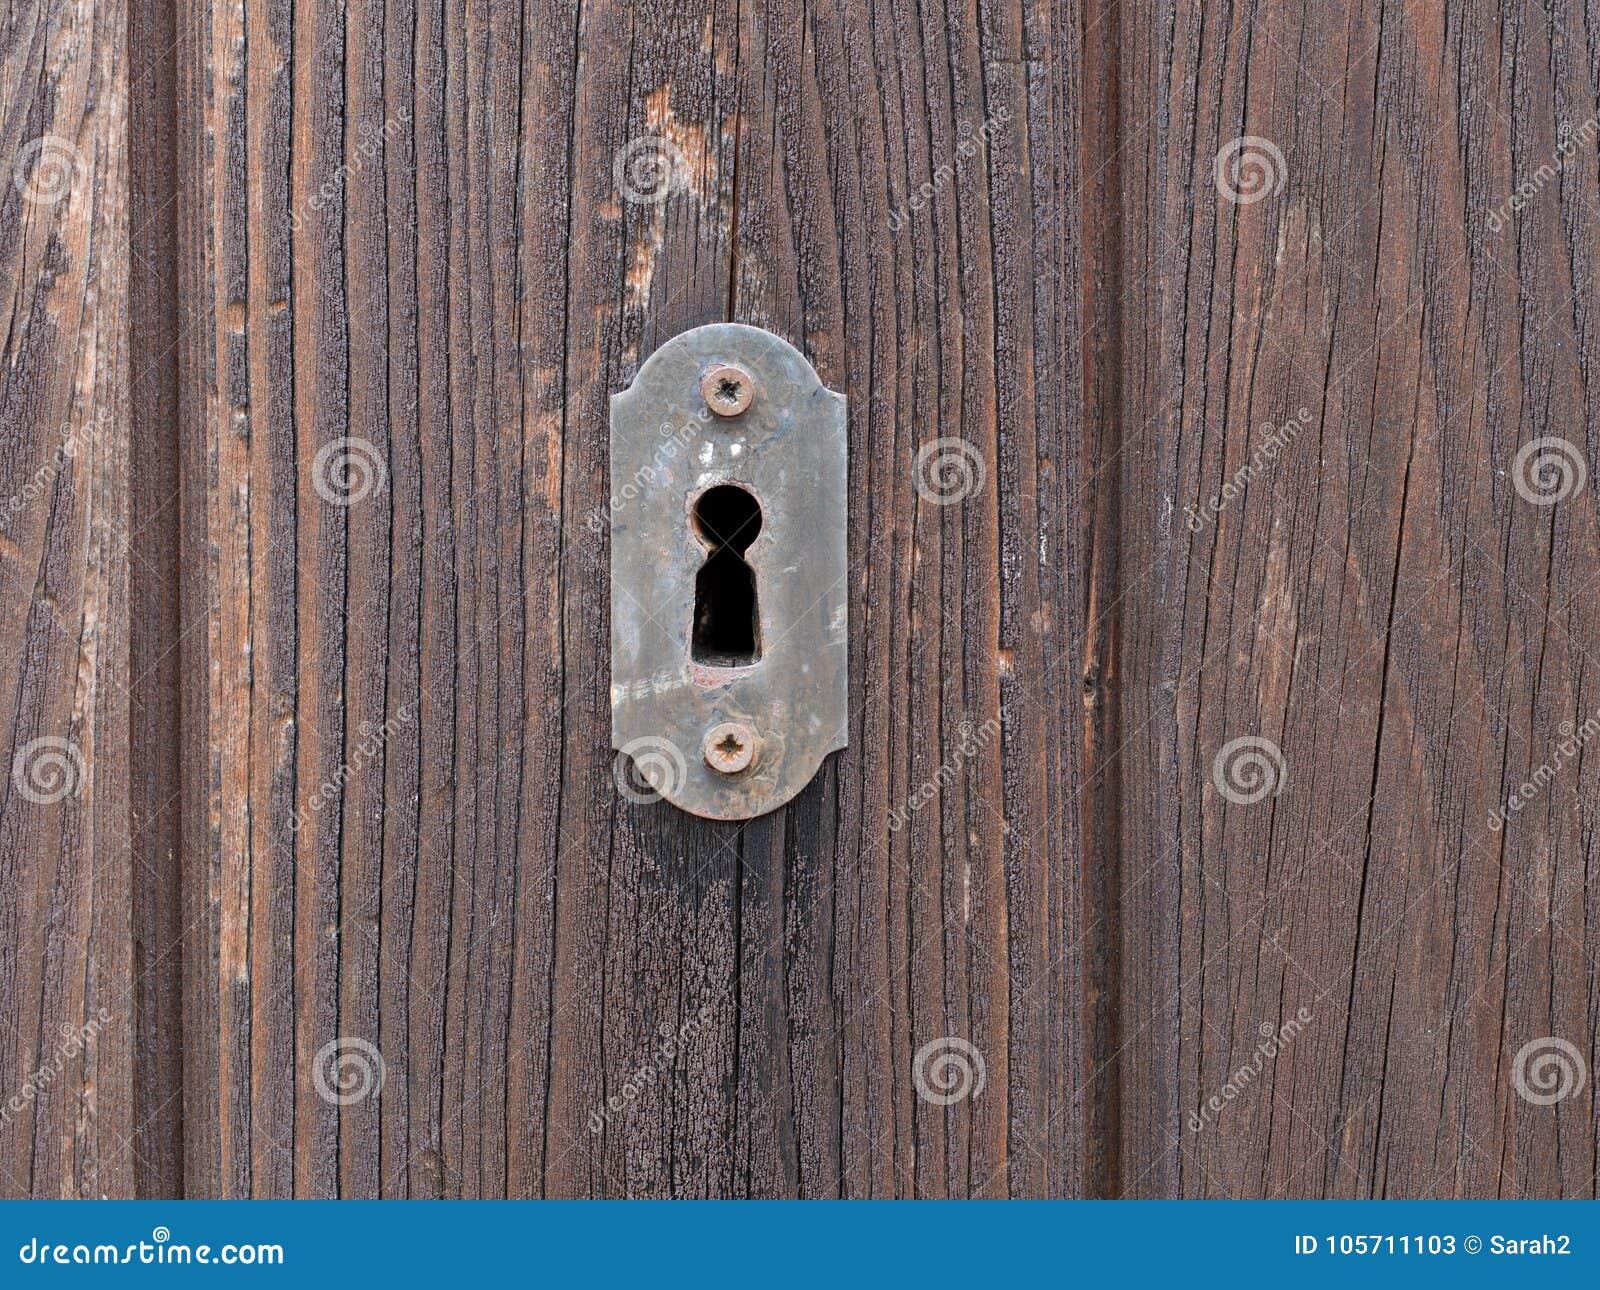 Old Door Lock On Wooden Door  Keyhole  Stock Image - Image of